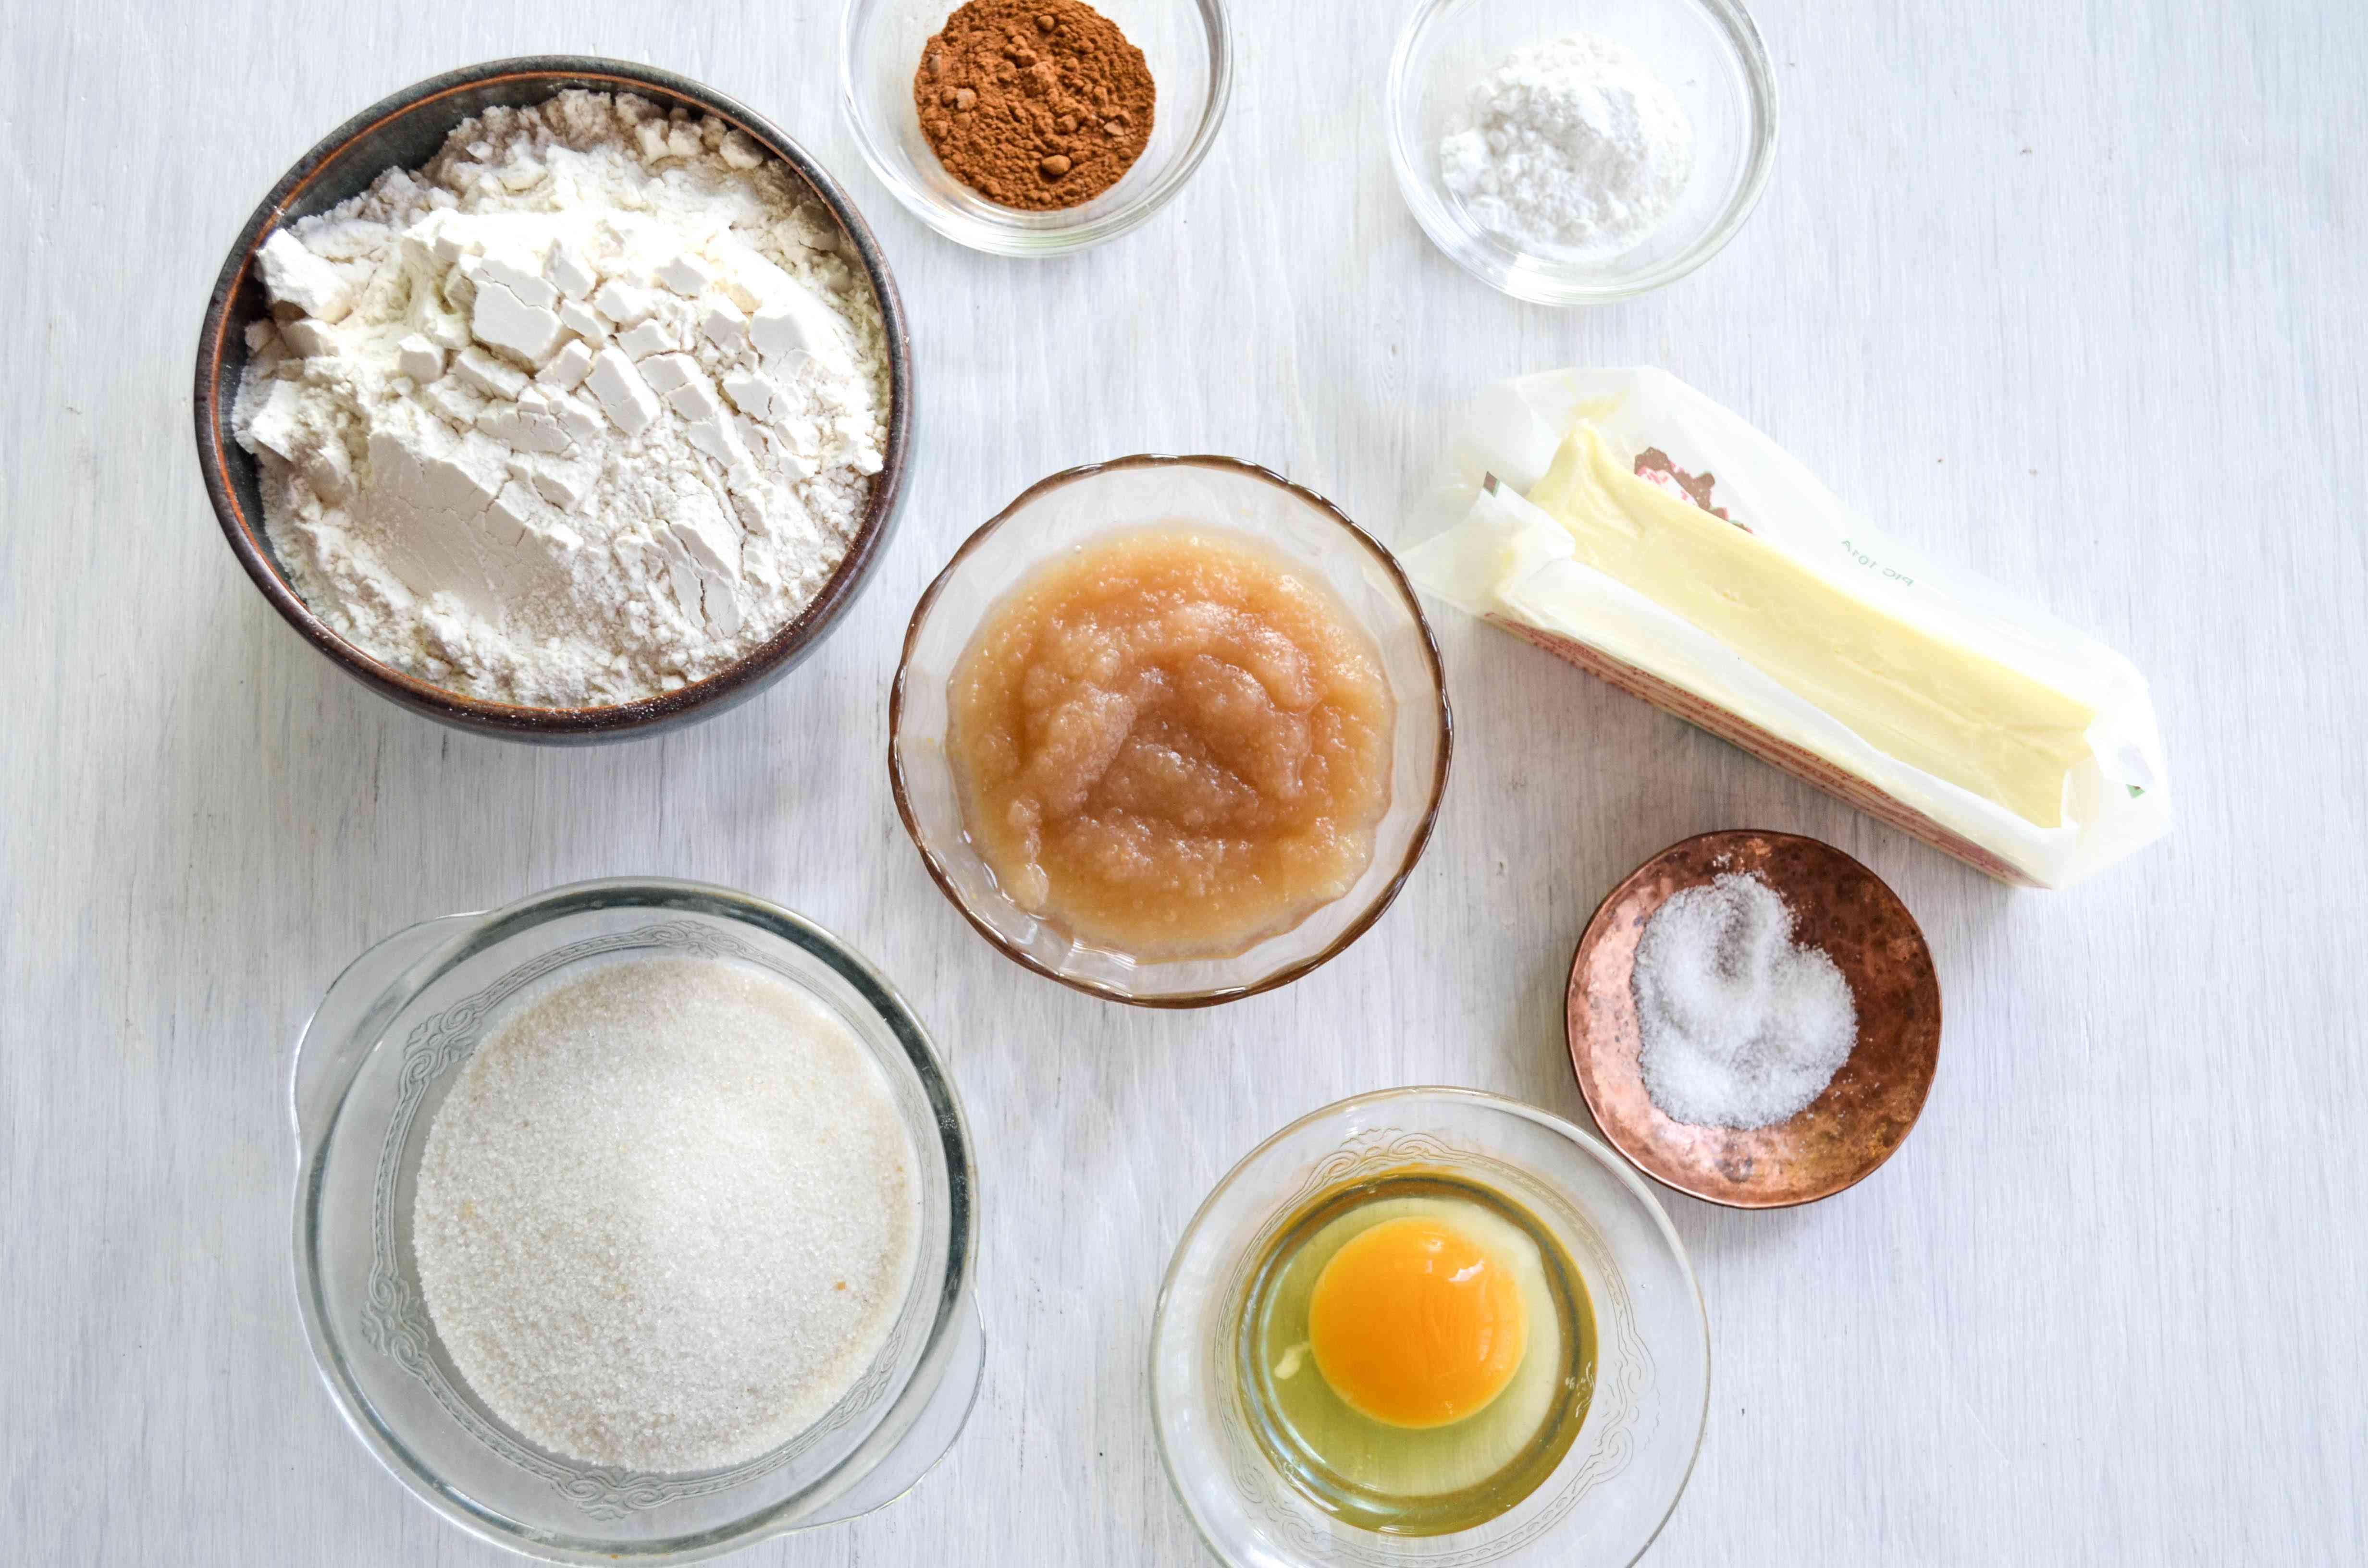 Apple Sauce Cookie Ingredients